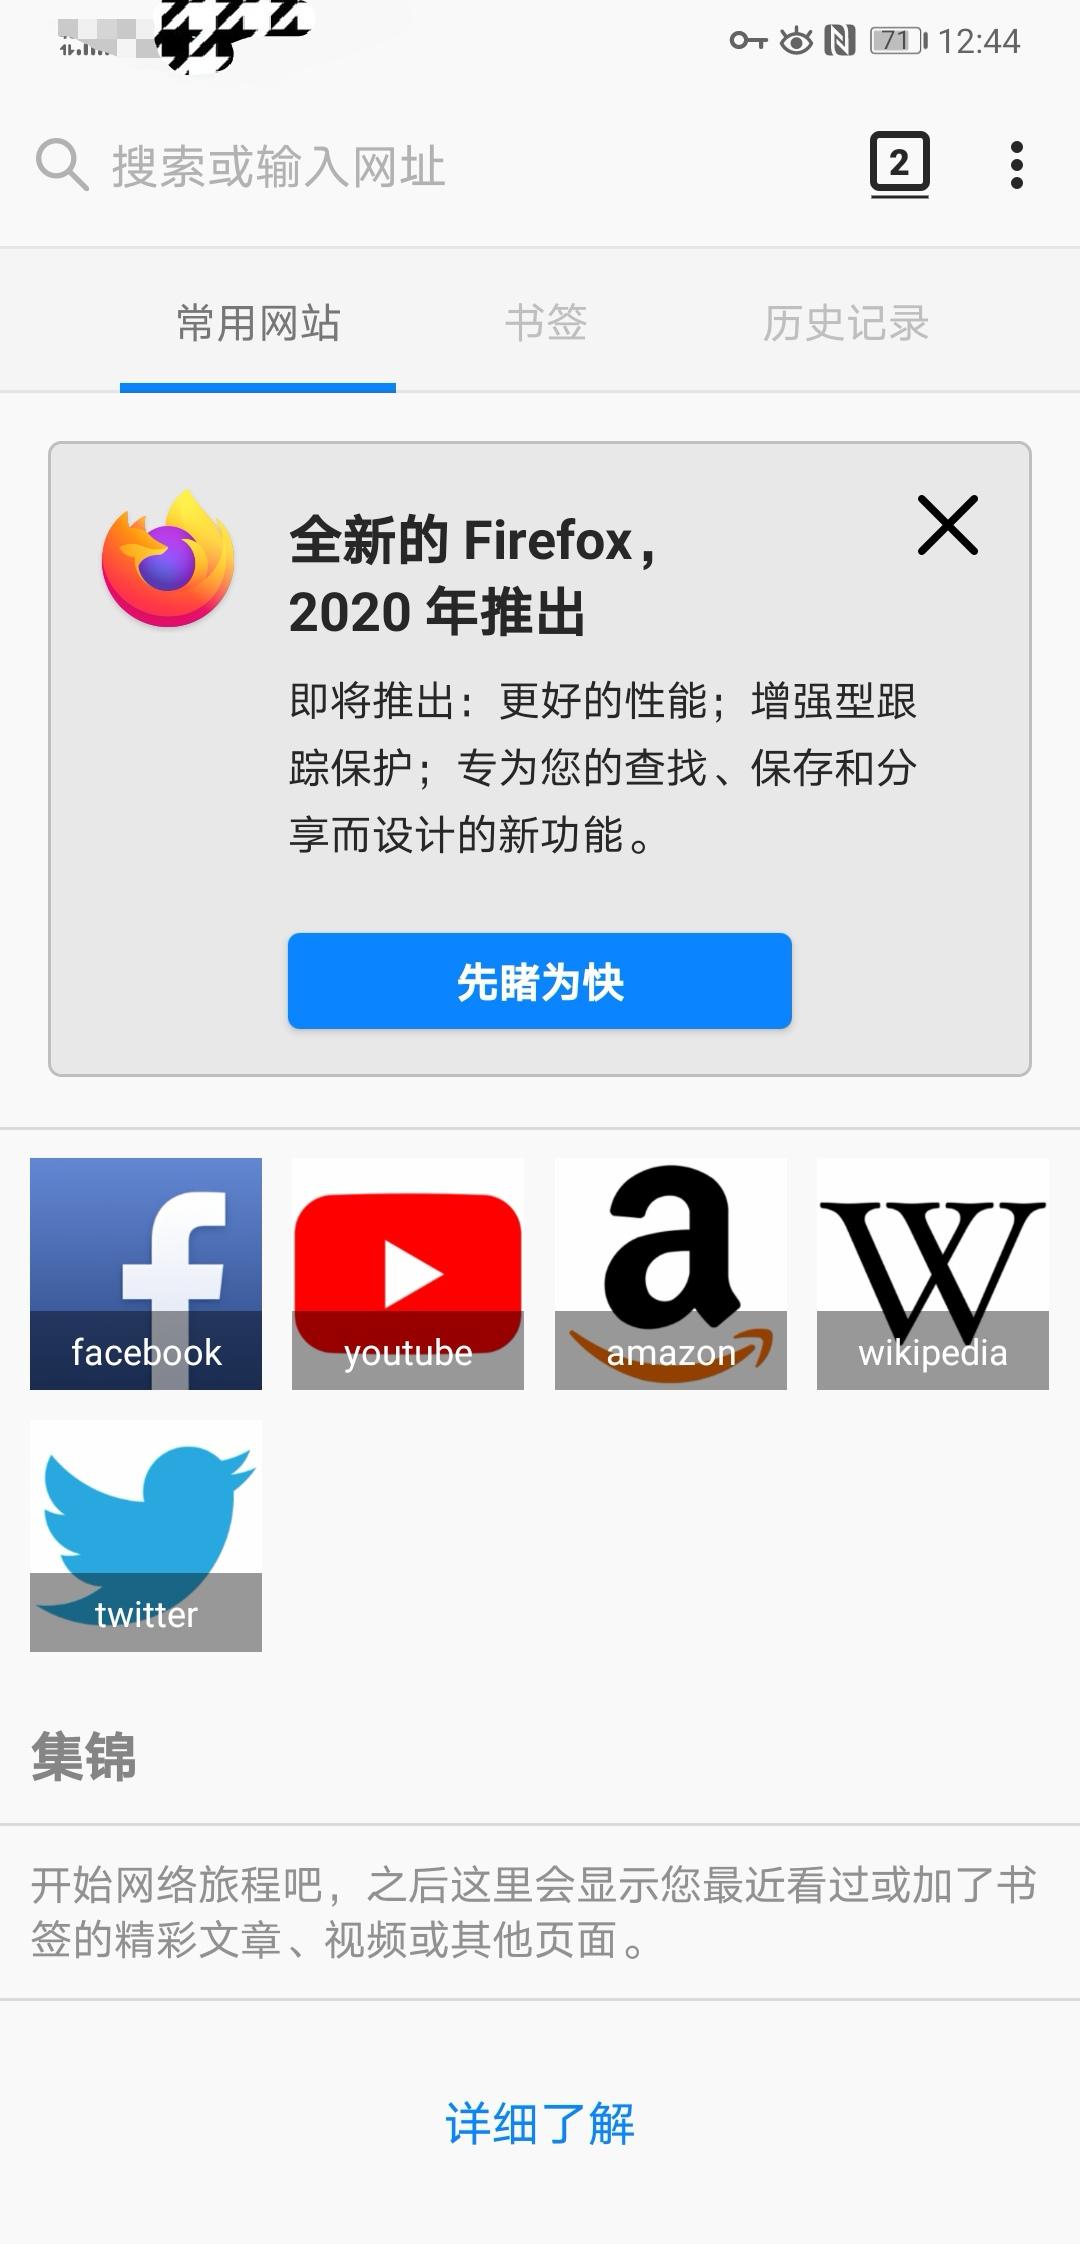 【谷歌】火狐浏览器最新版